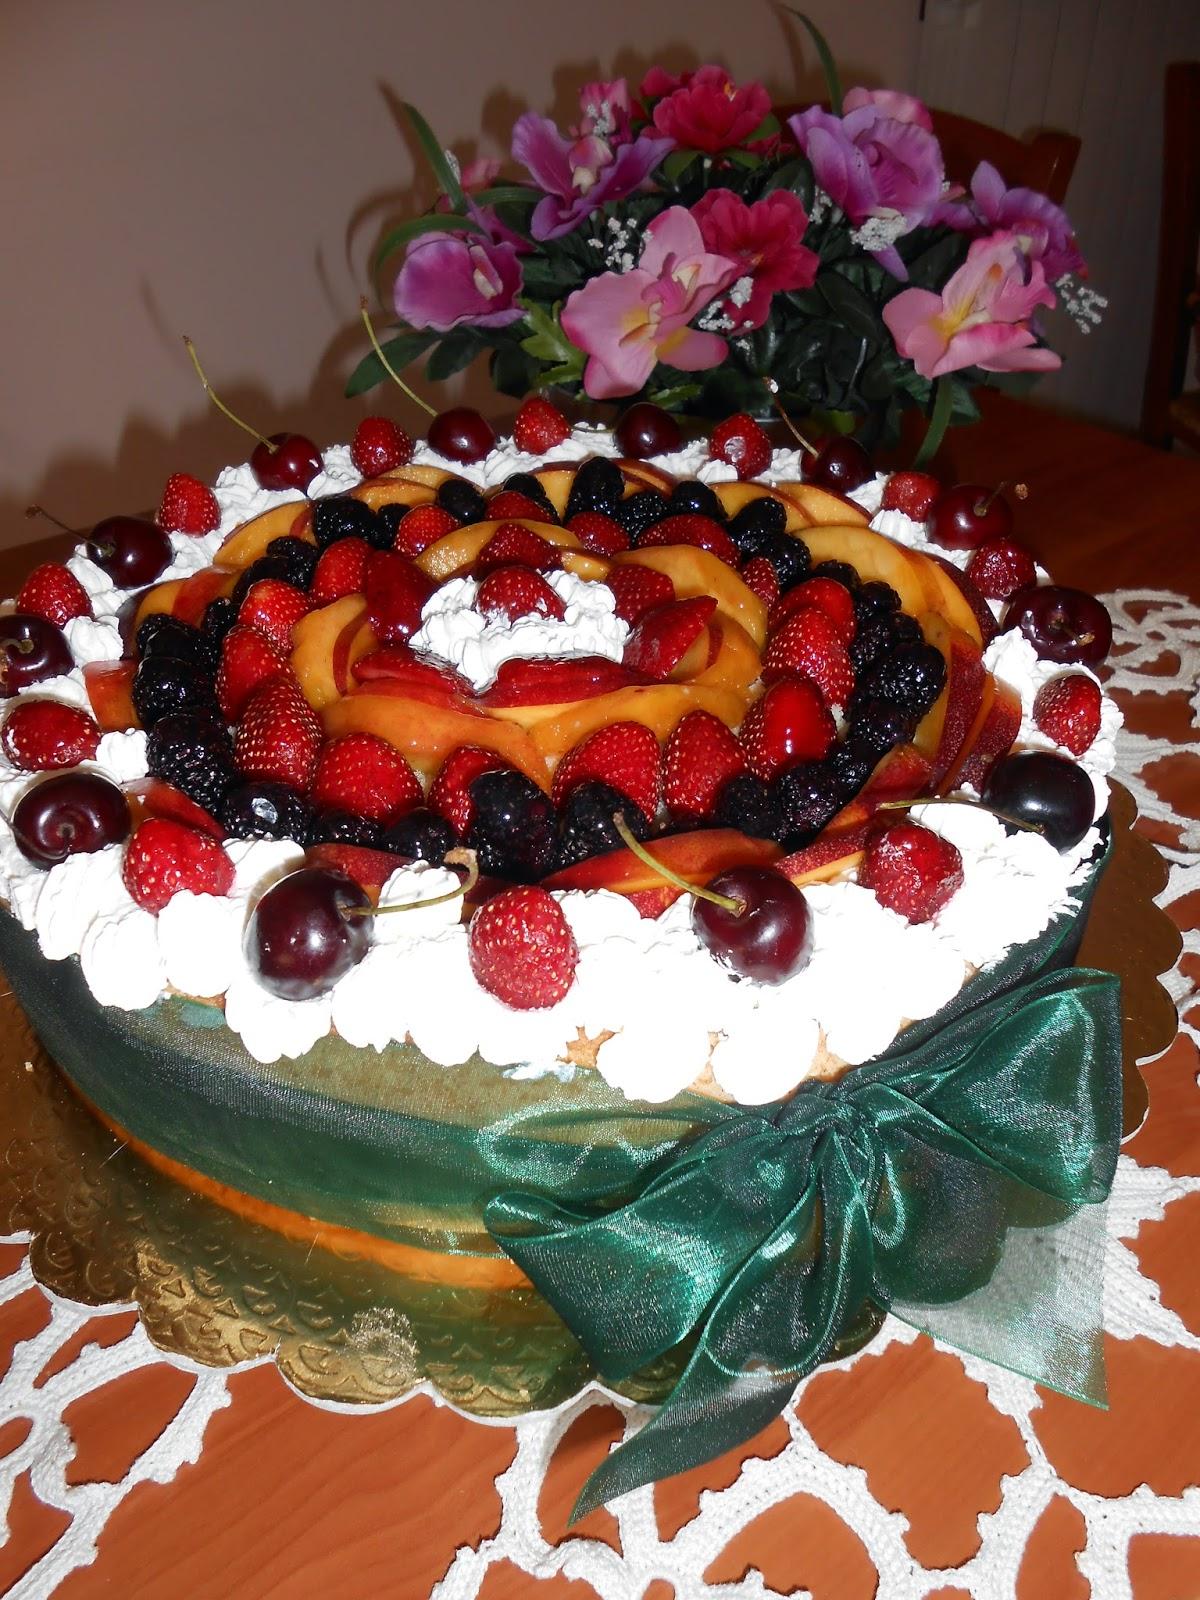 Composizioni Facili Di Frutta composizione frutta fresca nel piatto - cotto e postato